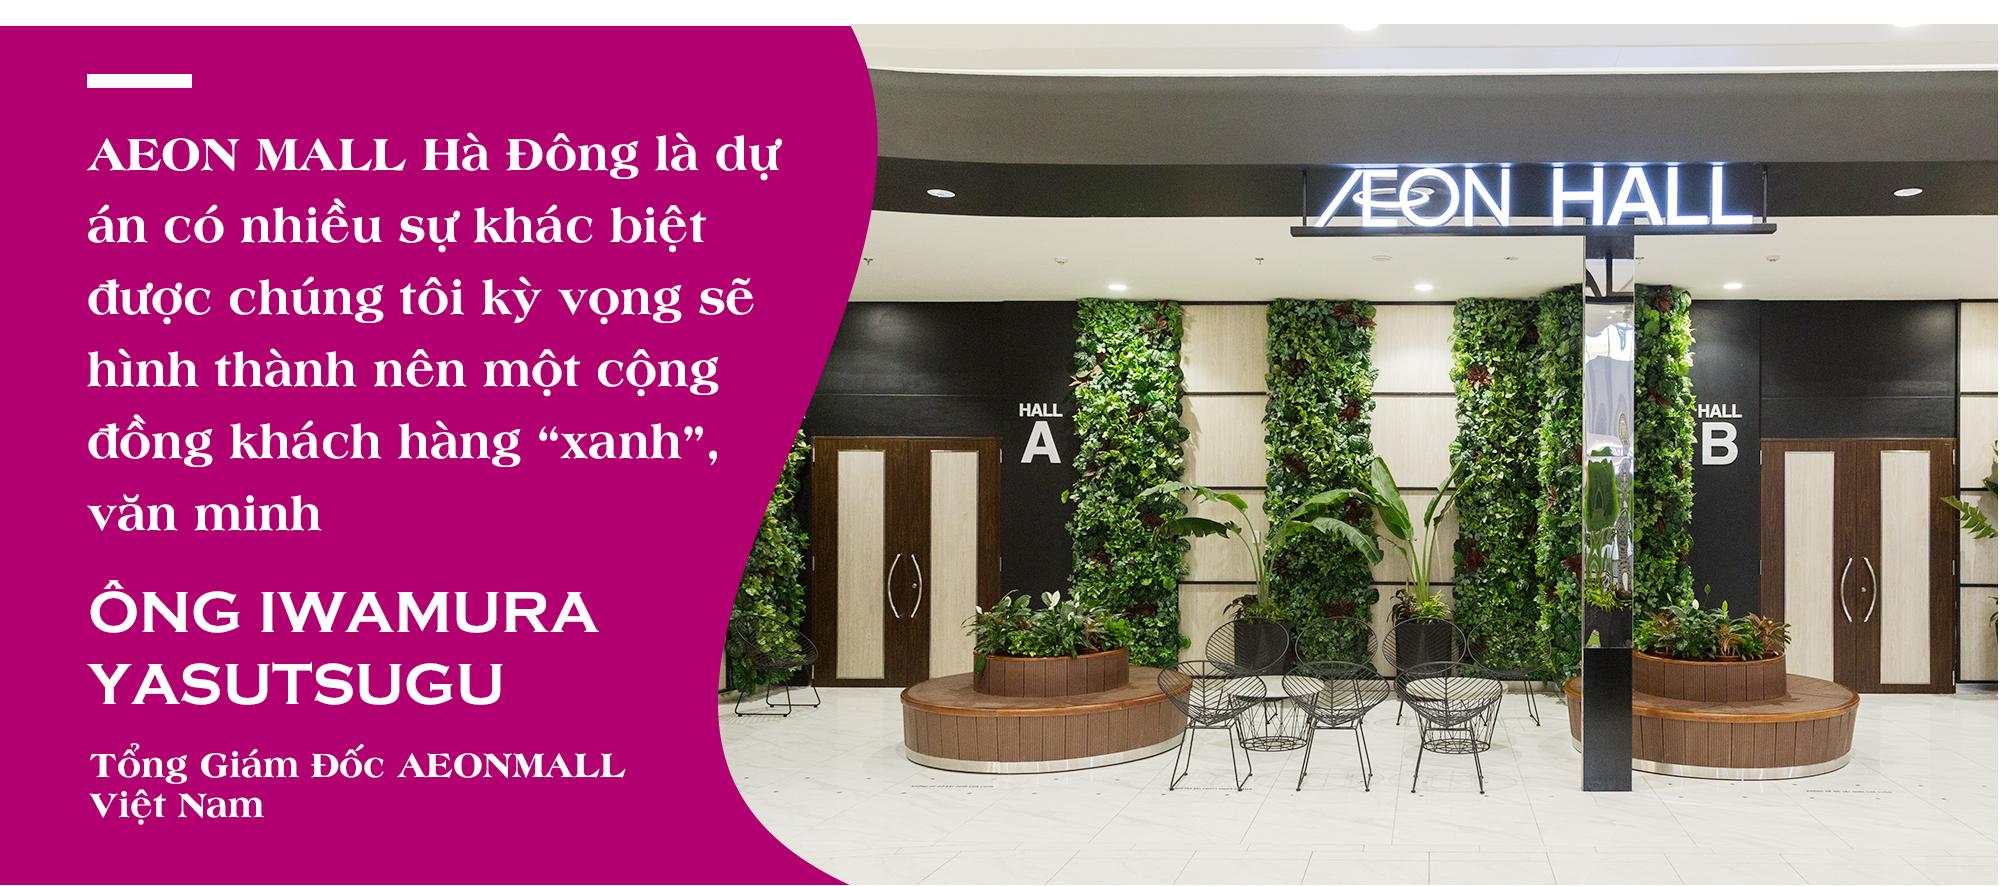 """Tổng Giám đốc AEONMALL Việt Nam: Thực hiện các dự án """"Happiness Mall"""" là mục tiêu phát triển bền vững - Ảnh 8."""